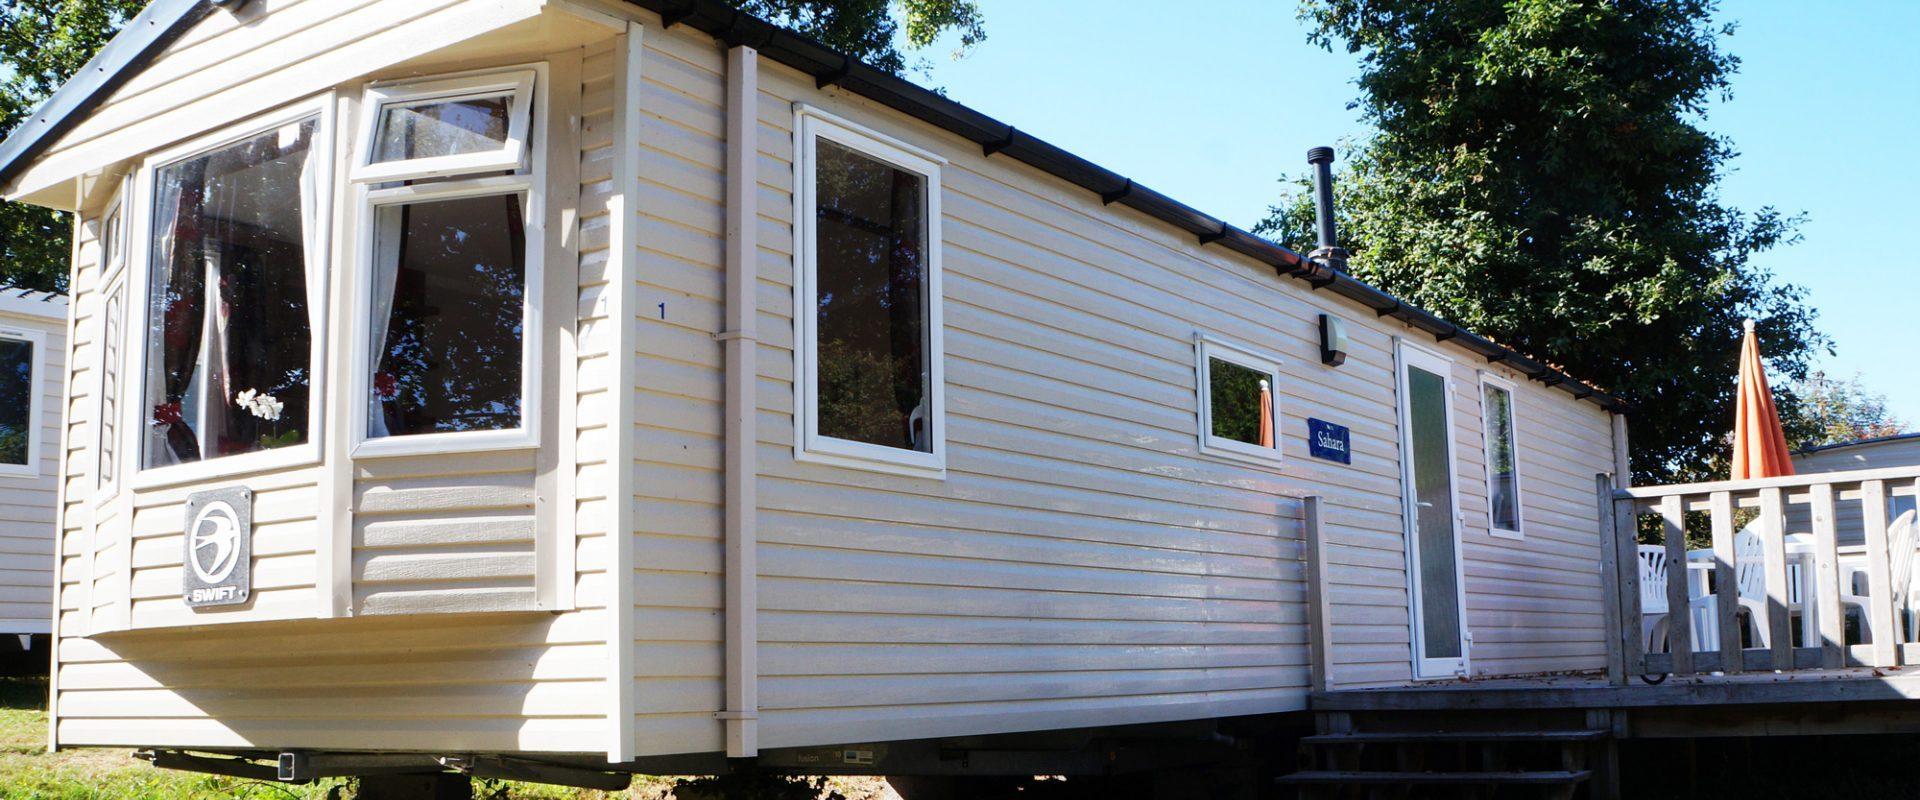 mobile-home Sahara Camping du Quinquis